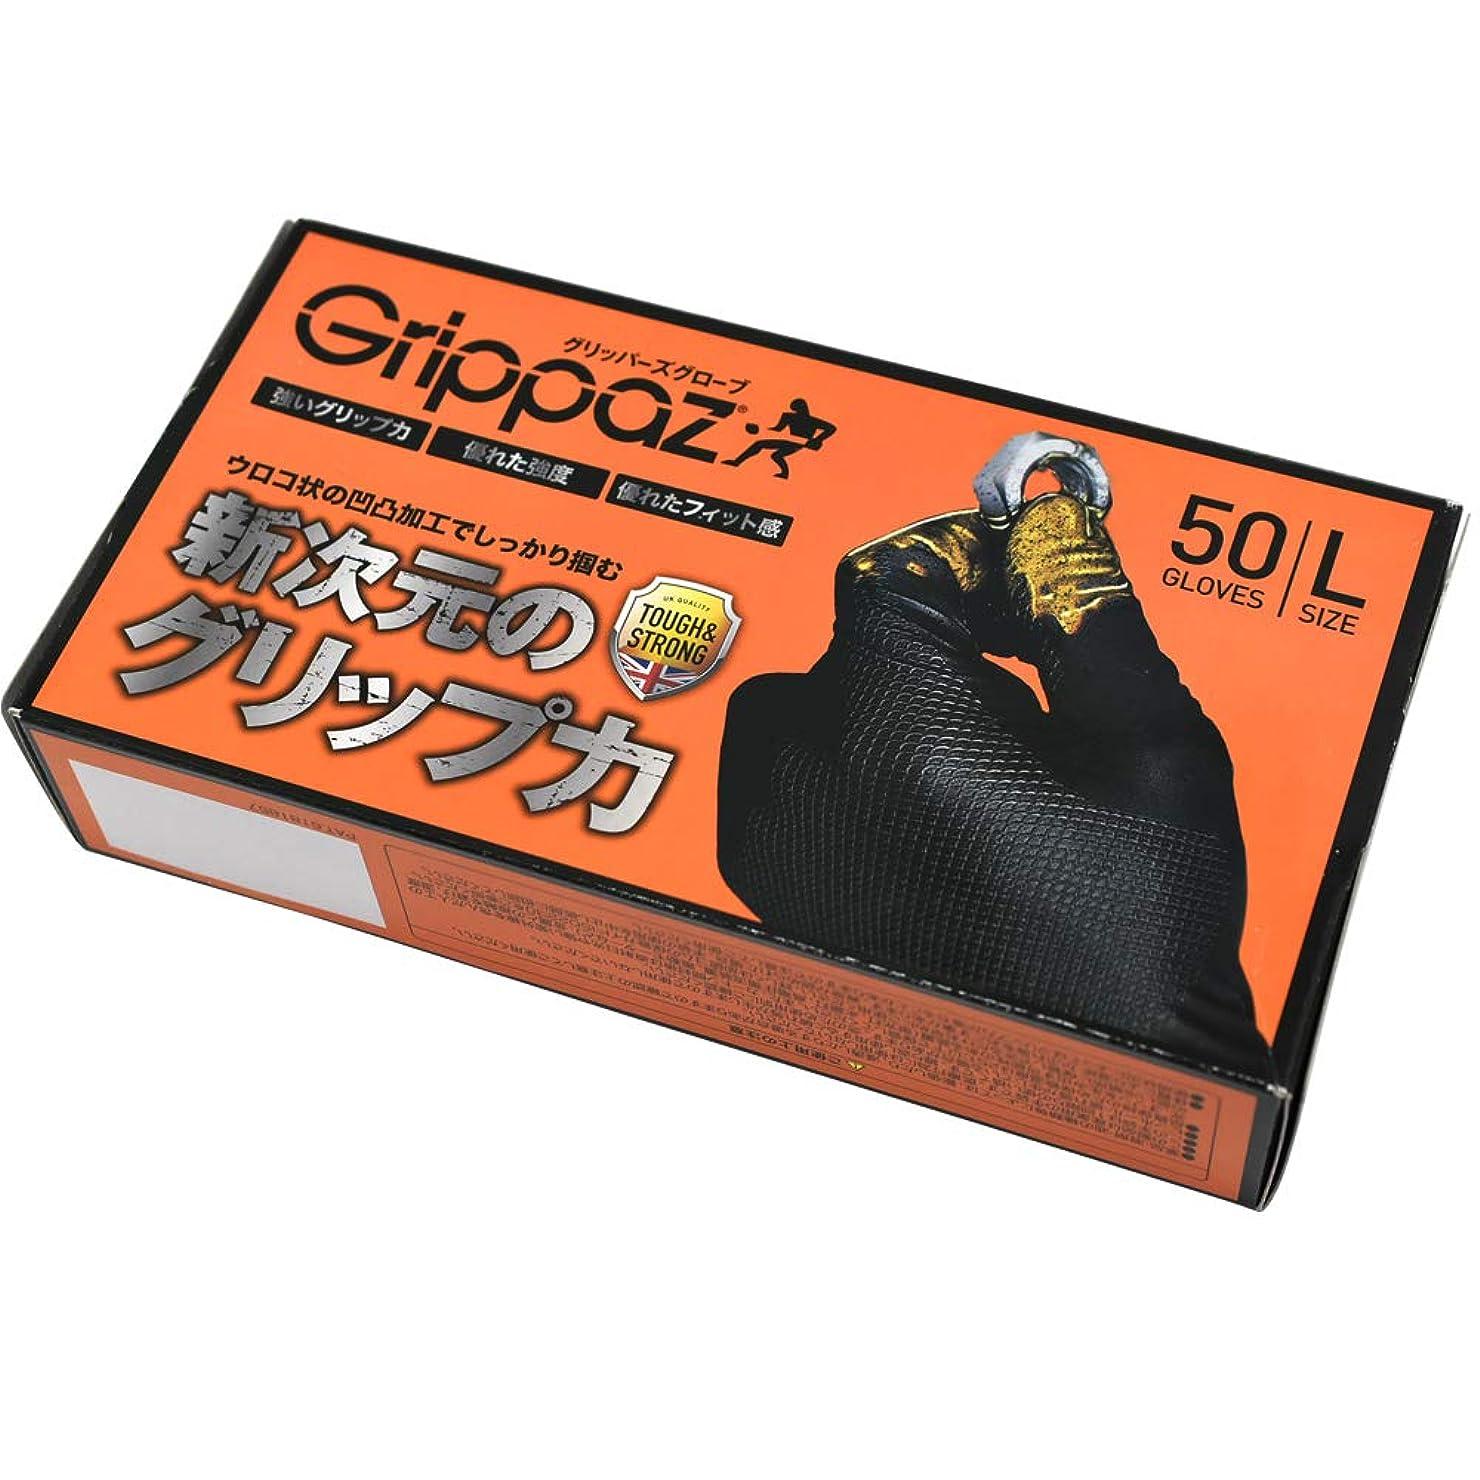 典型的な唯物論バンク原田産業 ニトリル手袋 グリッパーズグローブ 50枚入 Lサイズ パウダーフリー 左右兼用 自動車整備 メンテナンス